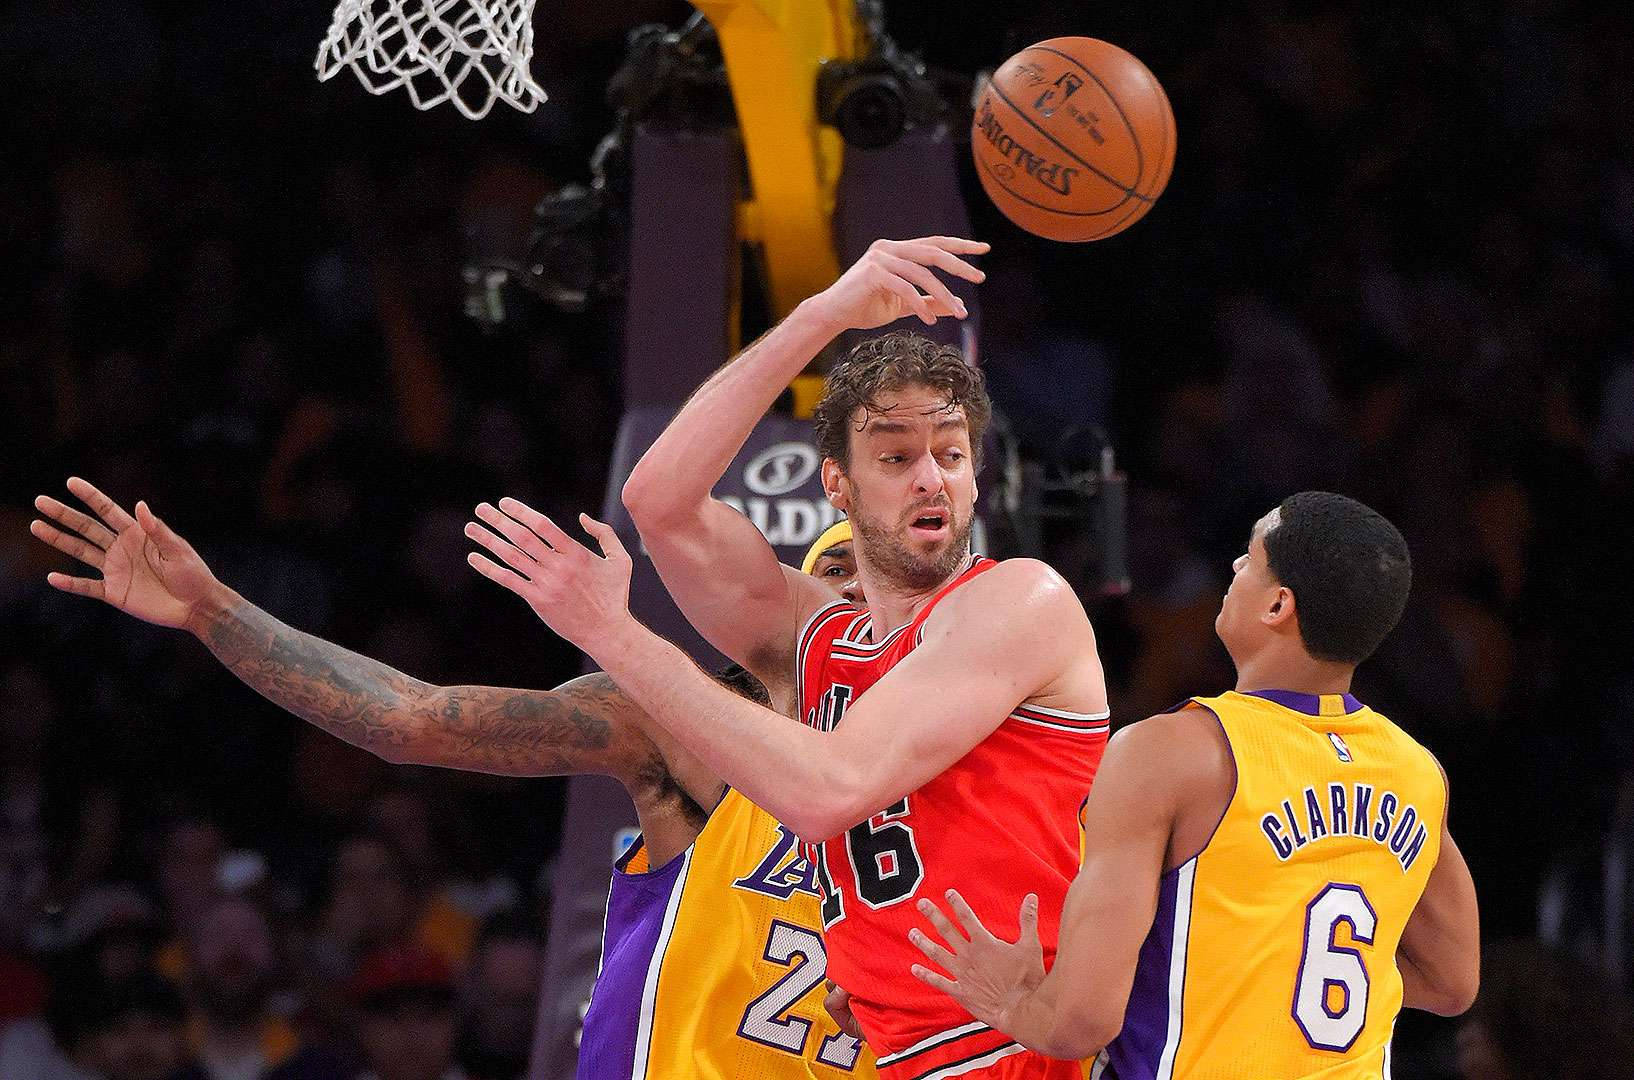 Los Lakers de Los Ángeles vencieron 123-118 a los Bulls de Chicago en el regreso de Pau Gasol al Staples Center. Foto: AP